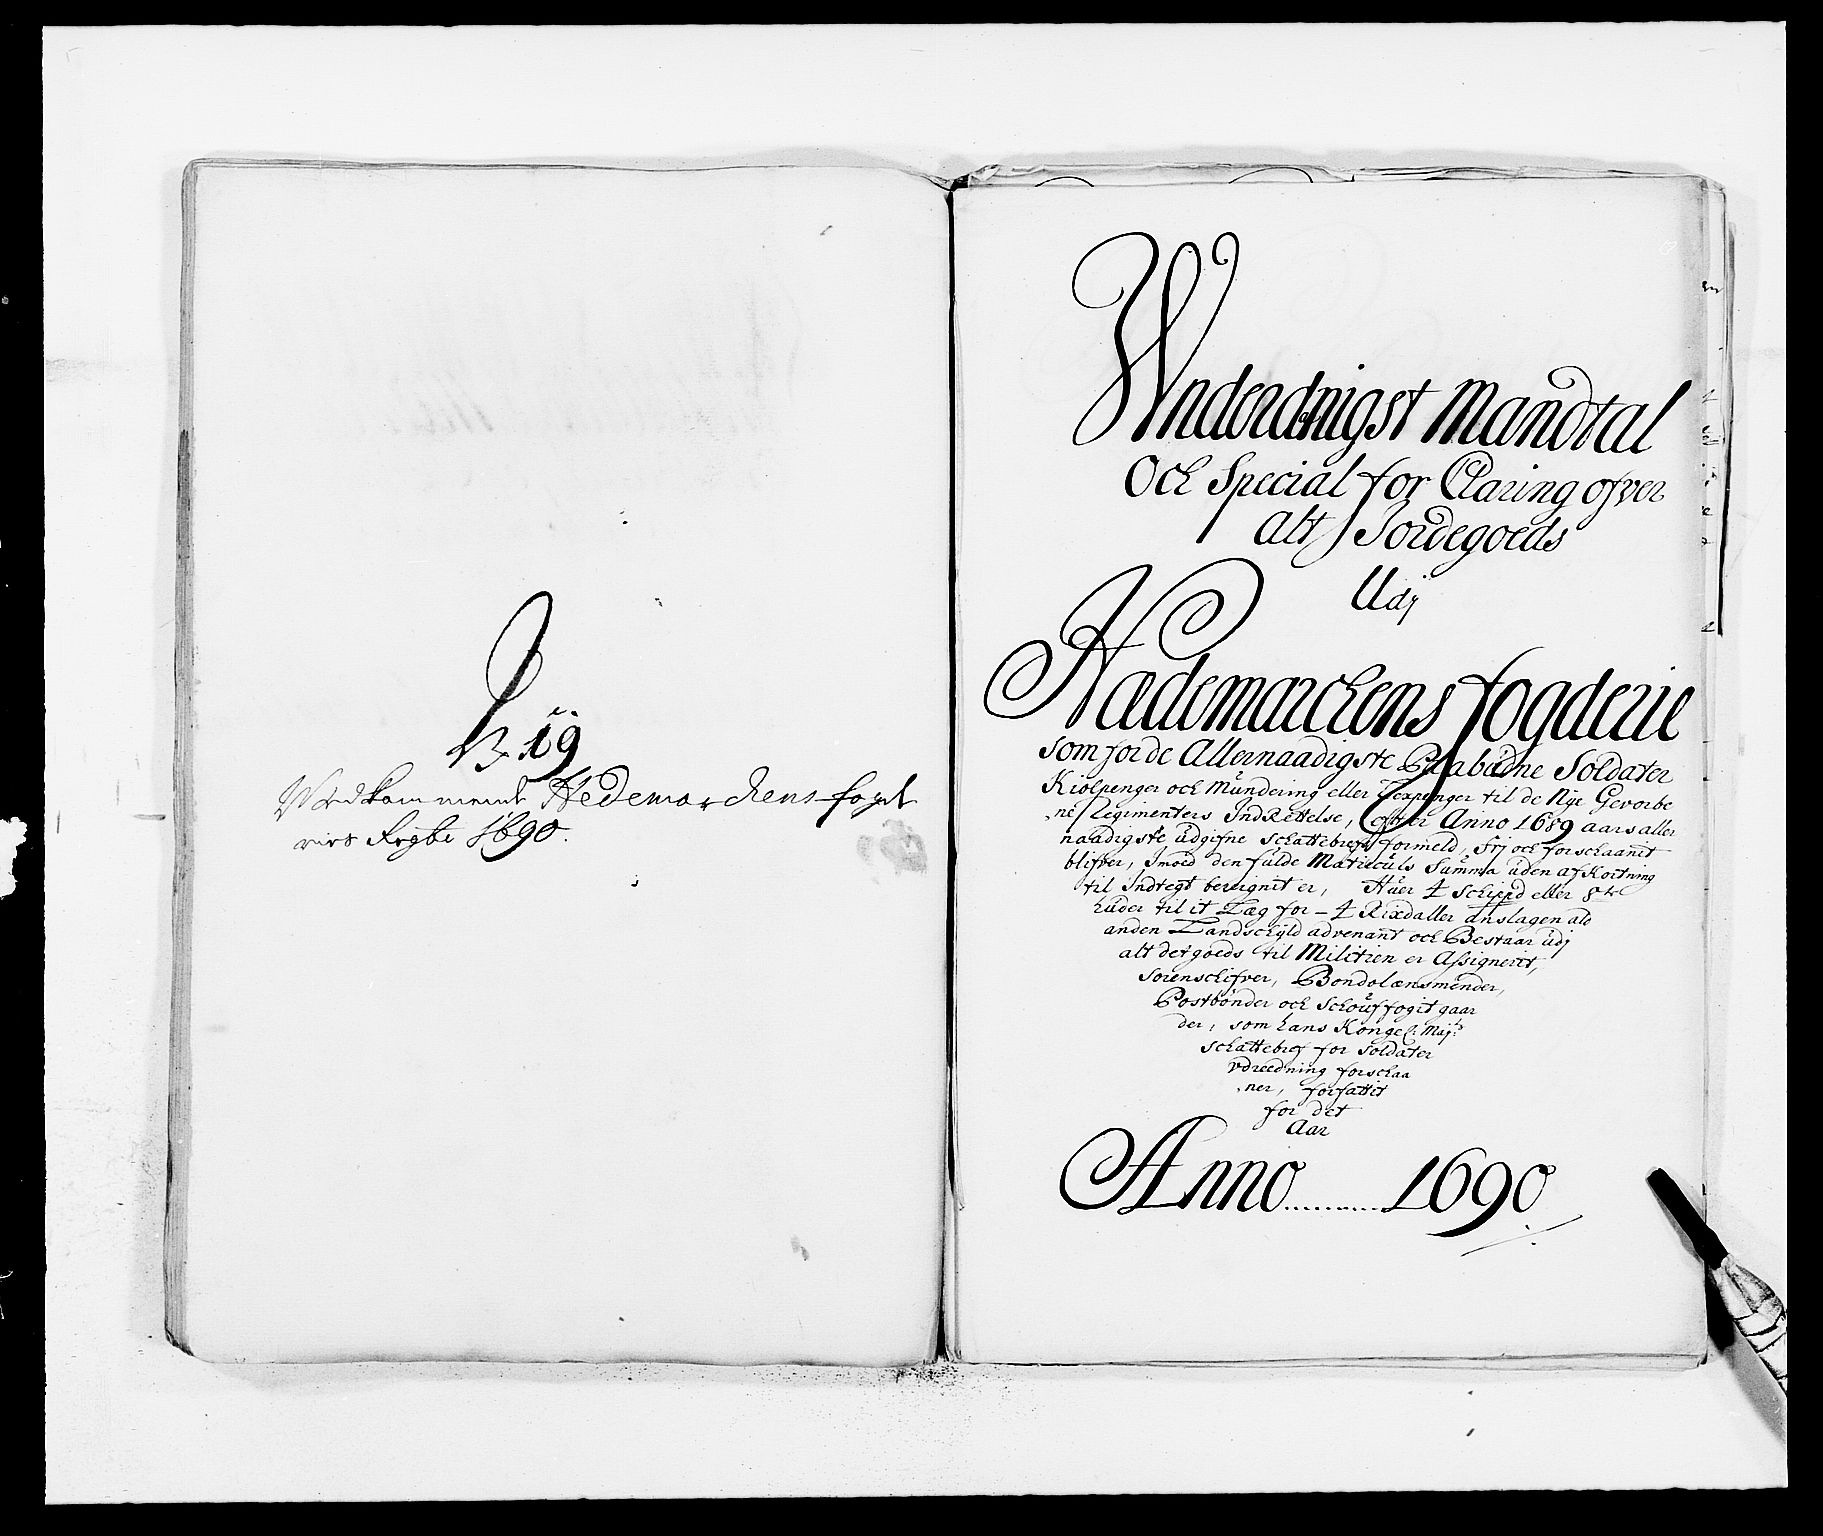 RA, Rentekammeret inntil 1814, Reviderte regnskaper, Fogderegnskap, R16/L1031: Fogderegnskap Hedmark, 1689-1692, s. 288